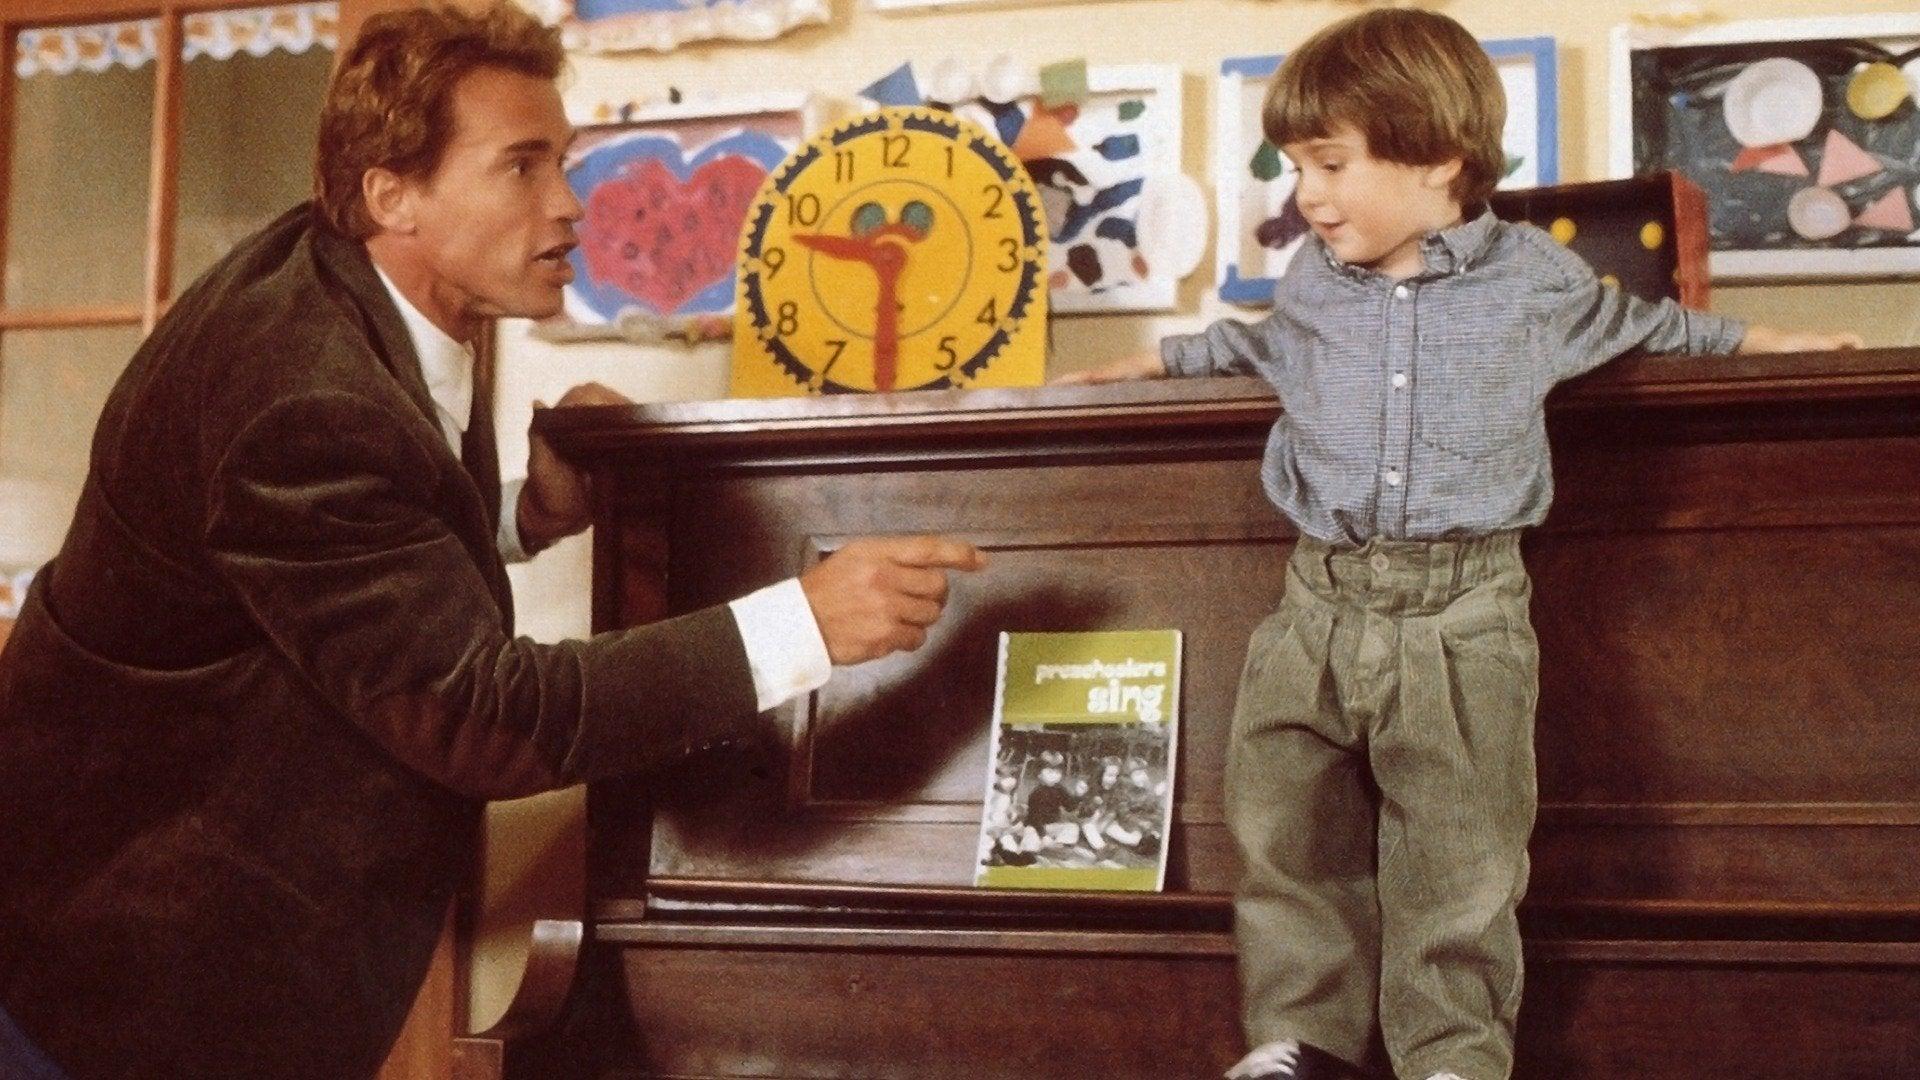 Review Kindergarten Cop 1990 3 Brothers Film